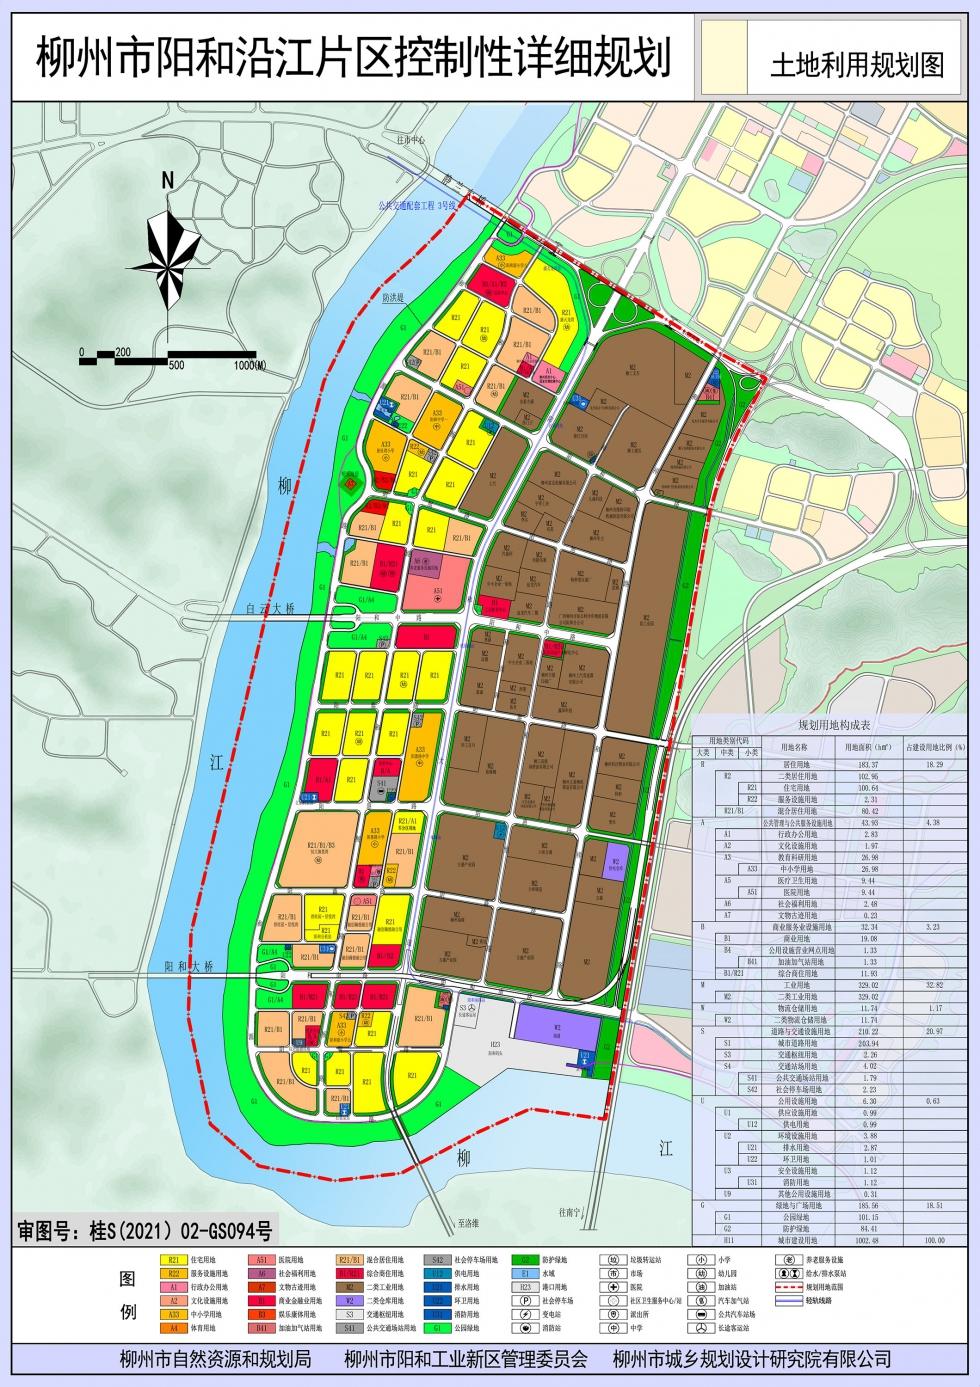 土地利用规划图.jpg